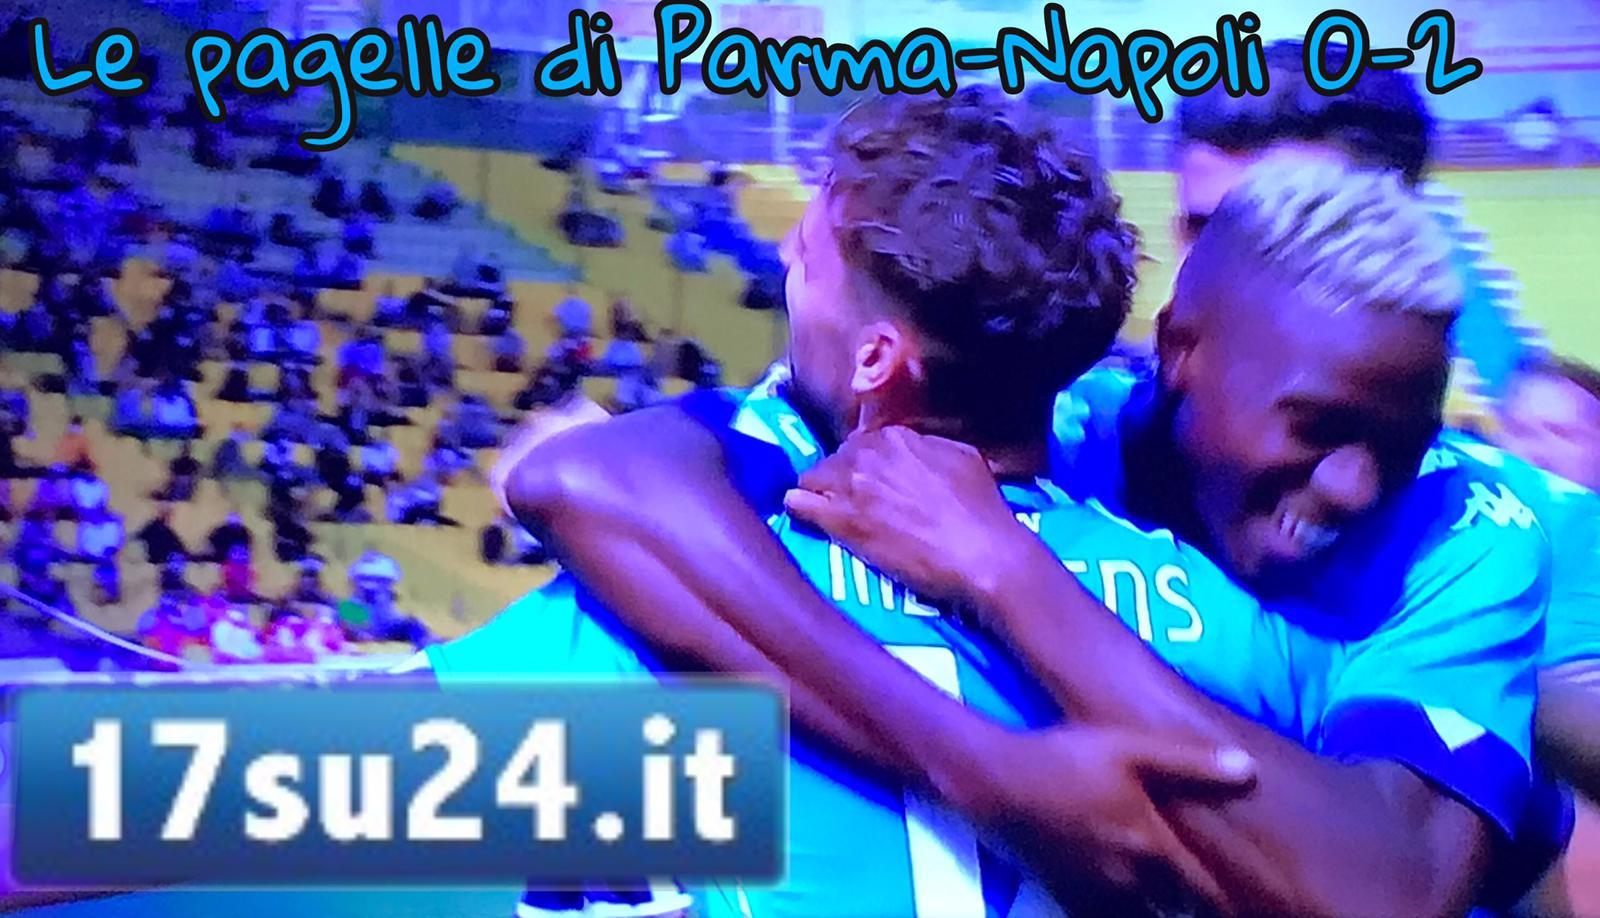 Le pagelle di Parma-Napoli - 17su24.it